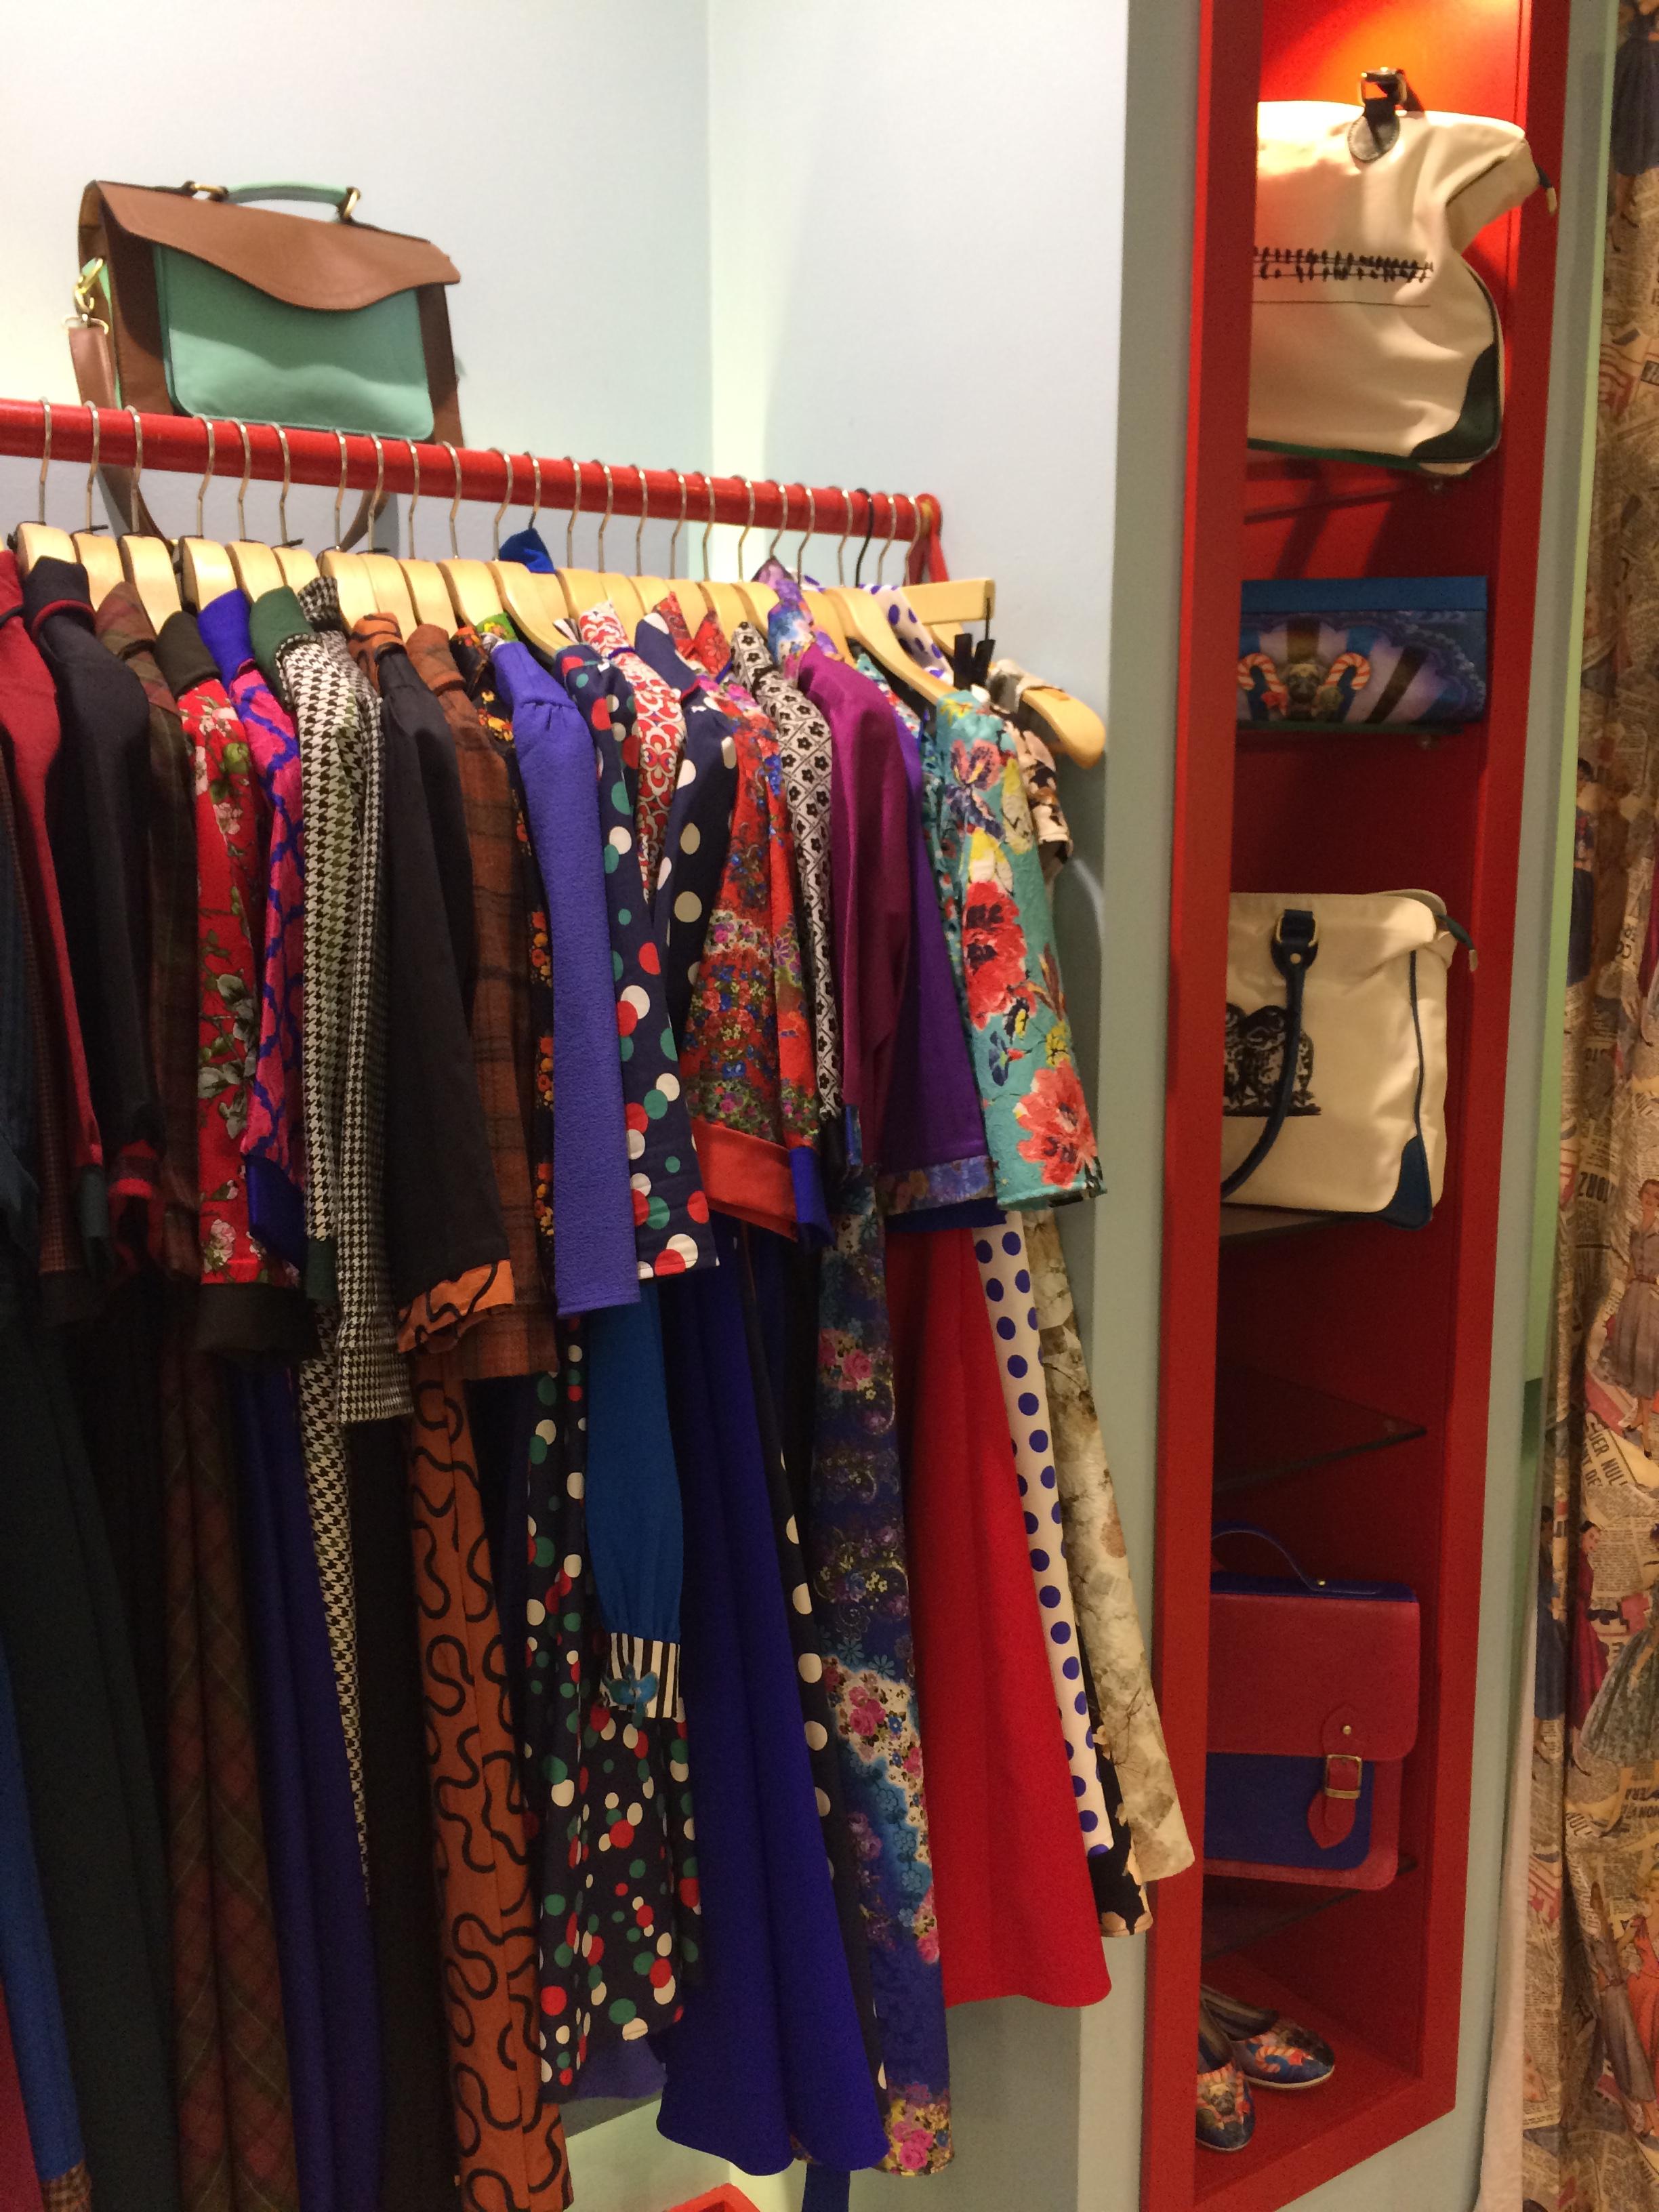 1b9541db12dbb Cihangir`de yer alan bu zevkli mi zevkli vintage butik, sonrasında  Teşvikiye`ye açtığı 2. butiğiyle müşteri kitlesini bir hayli arttırdı.